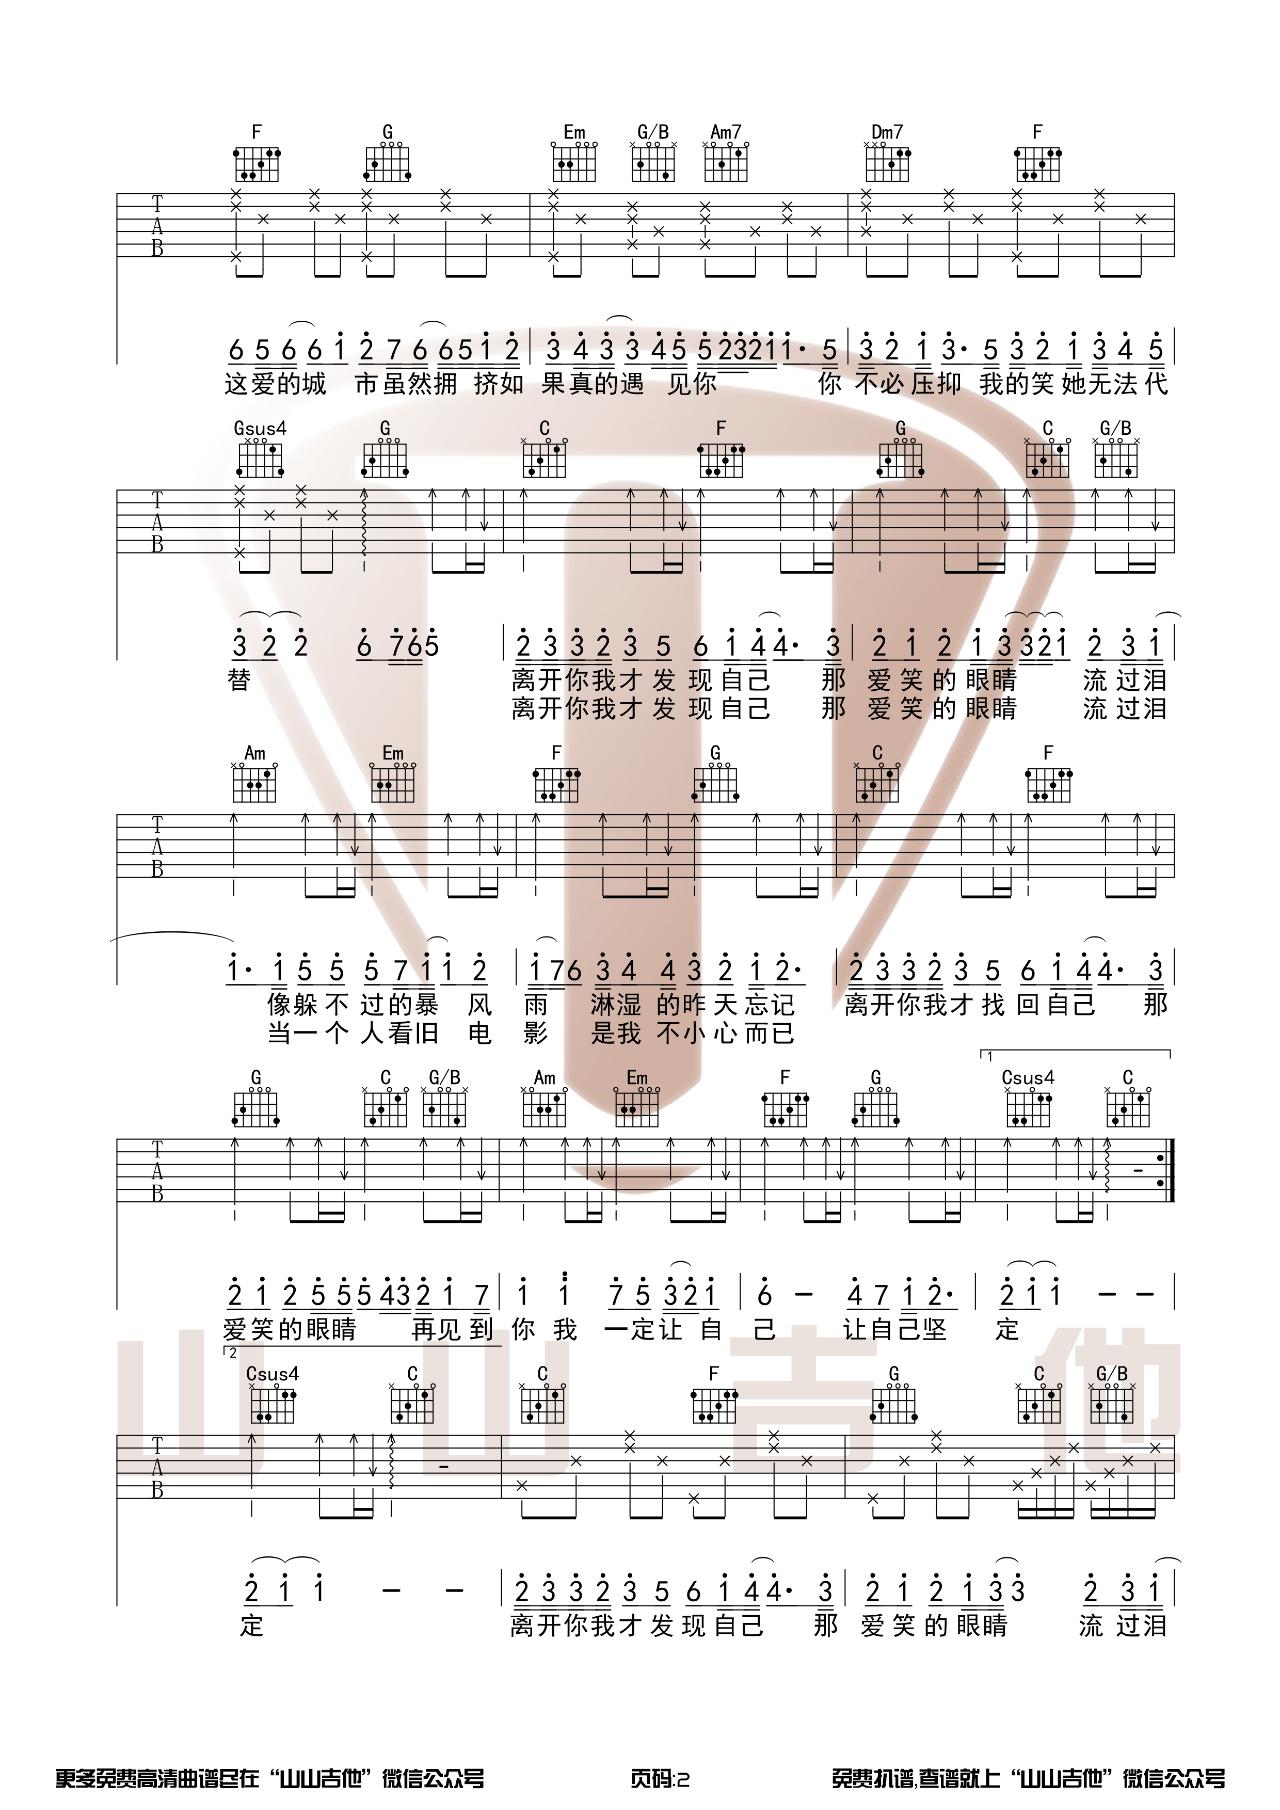 吉他派-山山吉他-《爱笑的眼睛》吉他谱-2